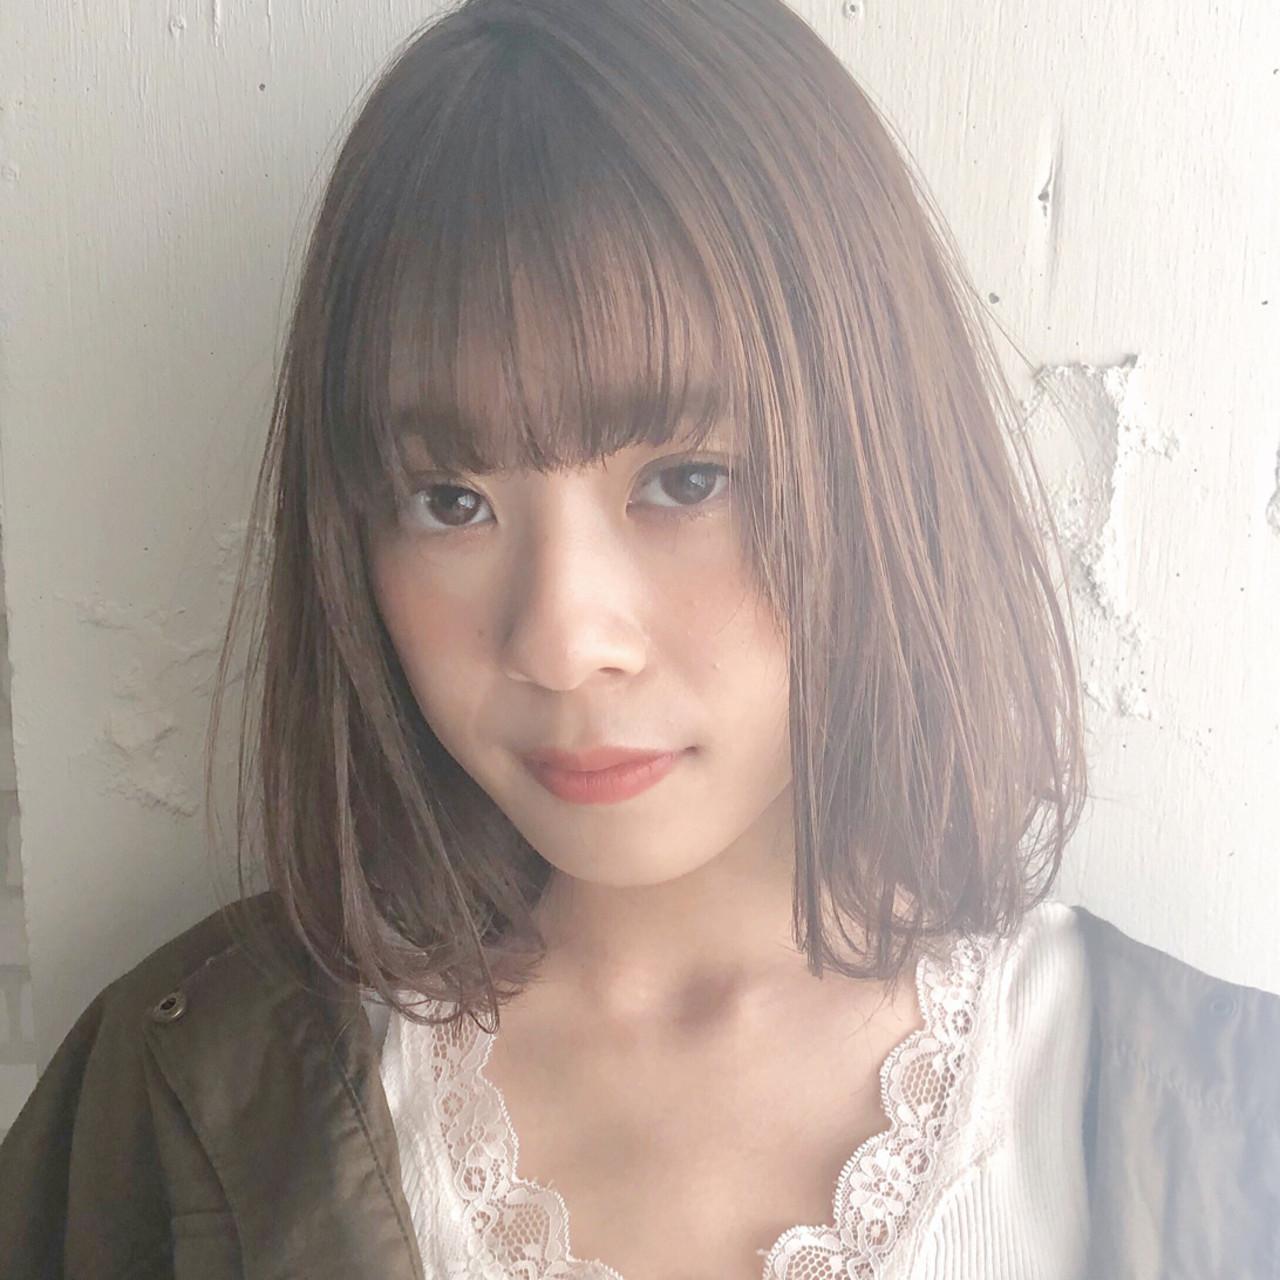 大人かわいい 簡単ヘアアレンジ アンニュイほつれヘア ナチュラル ヘアスタイルや髪型の写真・画像